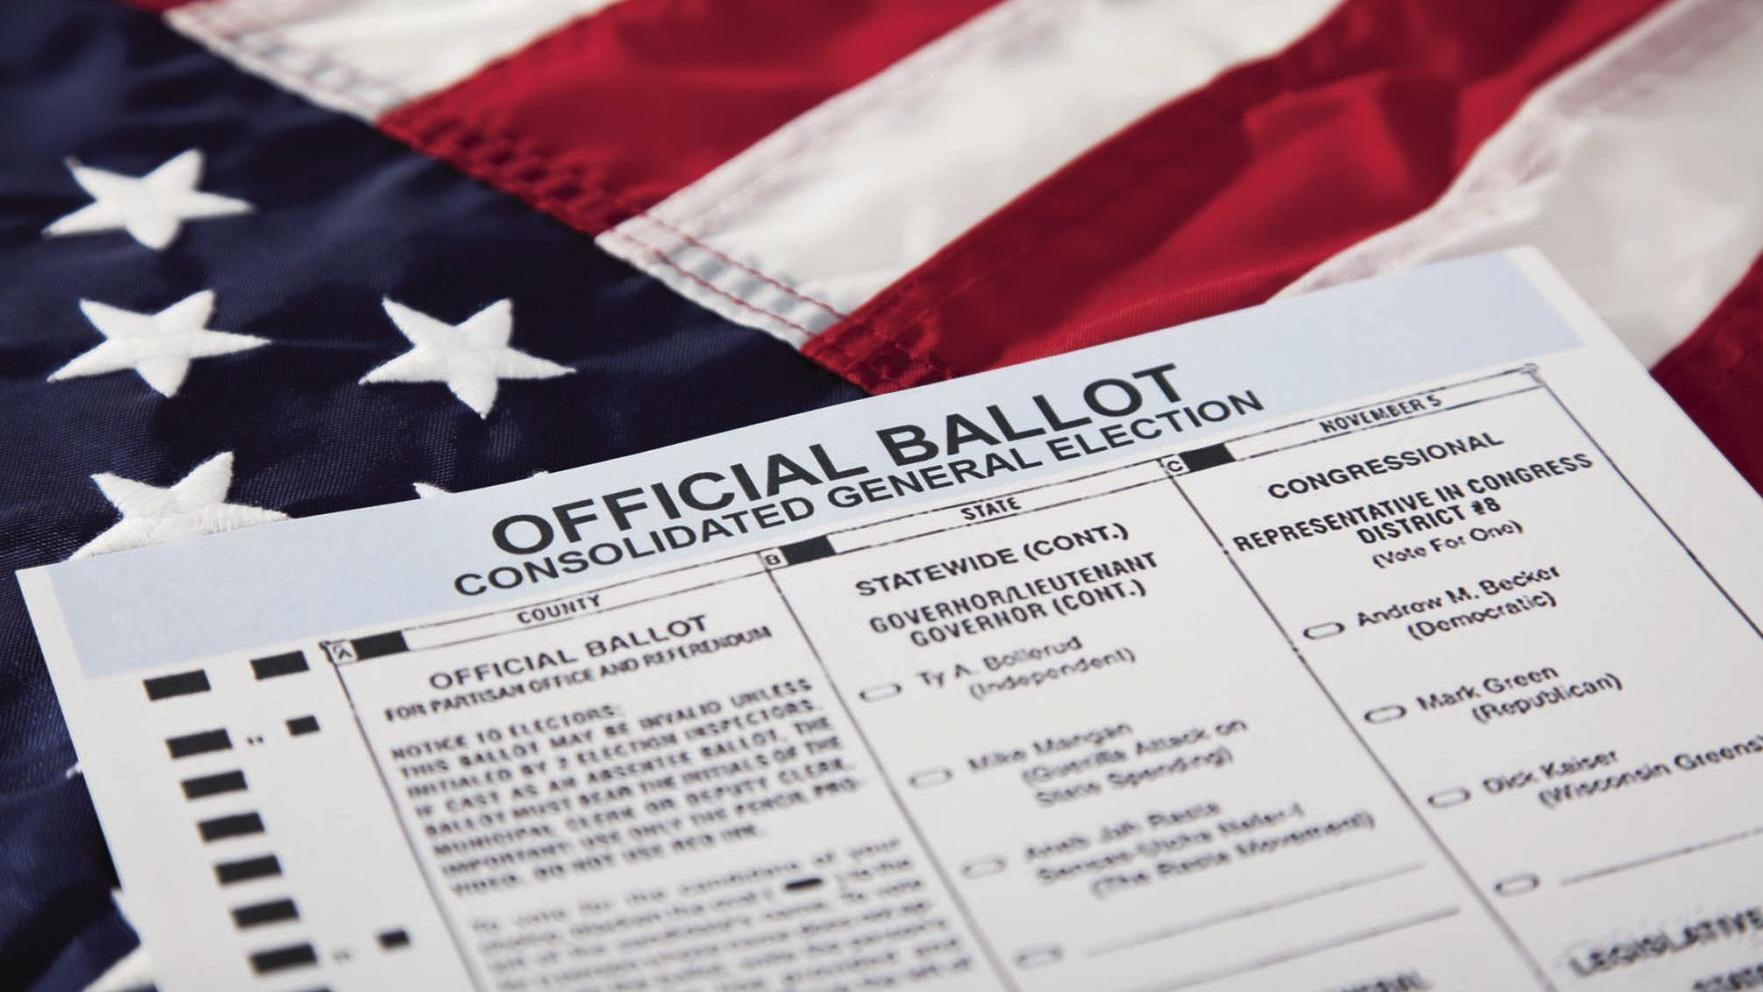 In-person absentee voting begins October 20